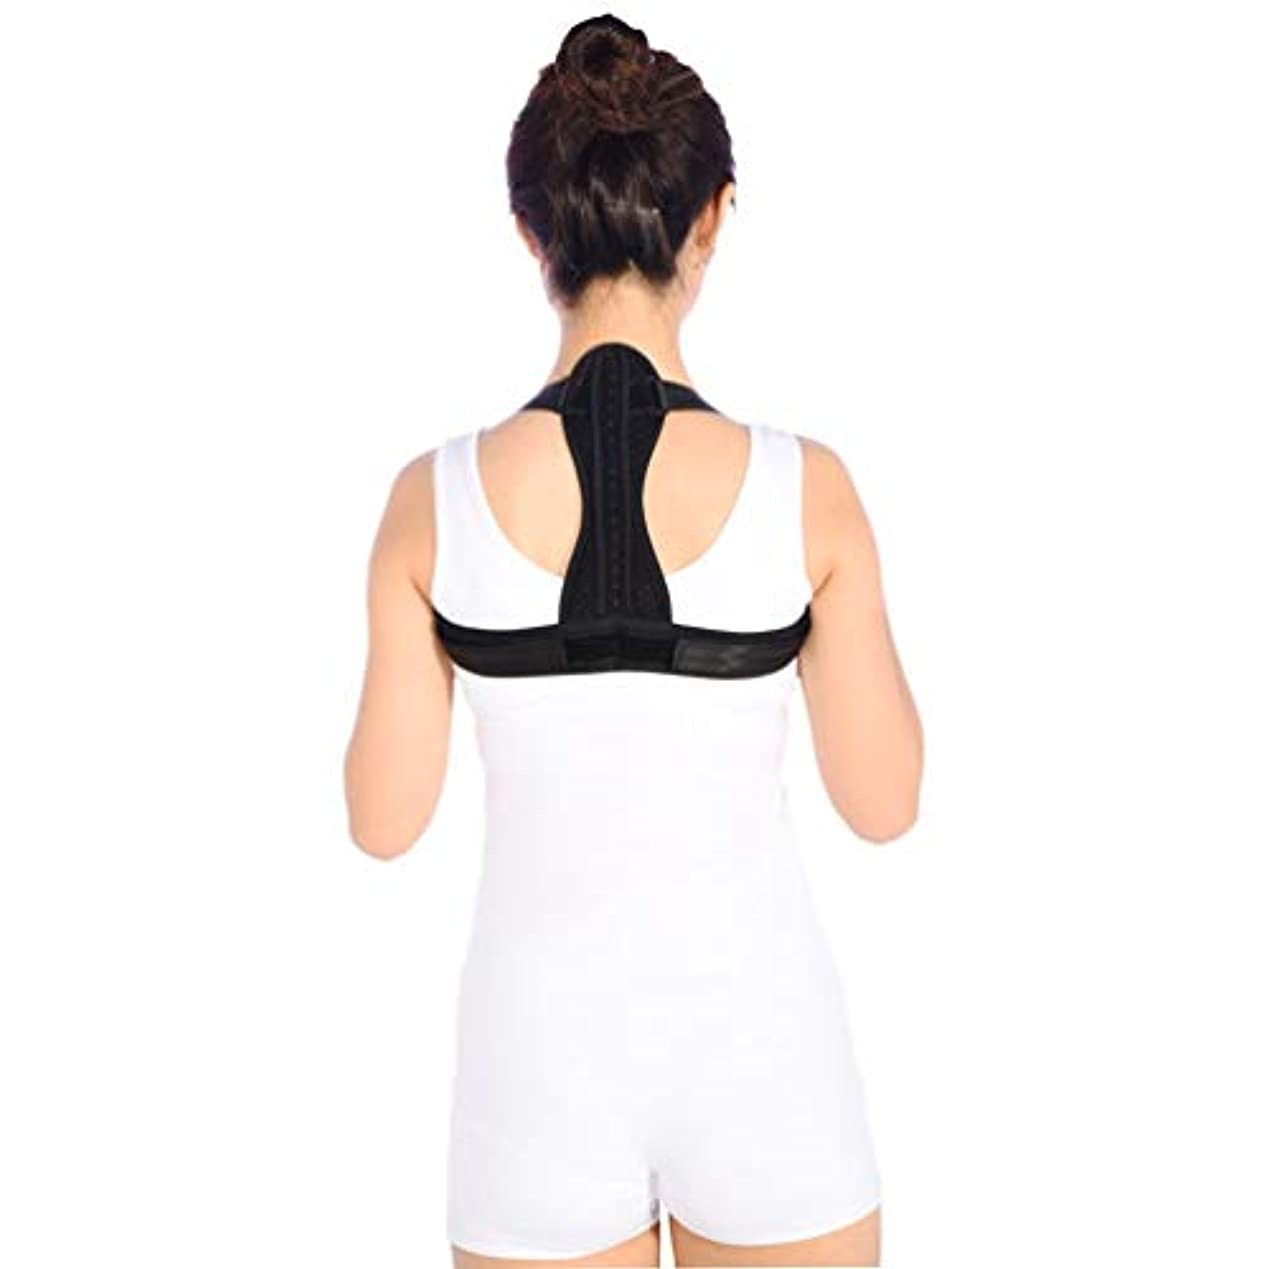 トランクライブラリ注ぎます避難通気性の脊柱側弯症ザトウクジラ補正ベルト調節可能な快適さ目に見えないベルト男性女性大人学生子供 - 黒